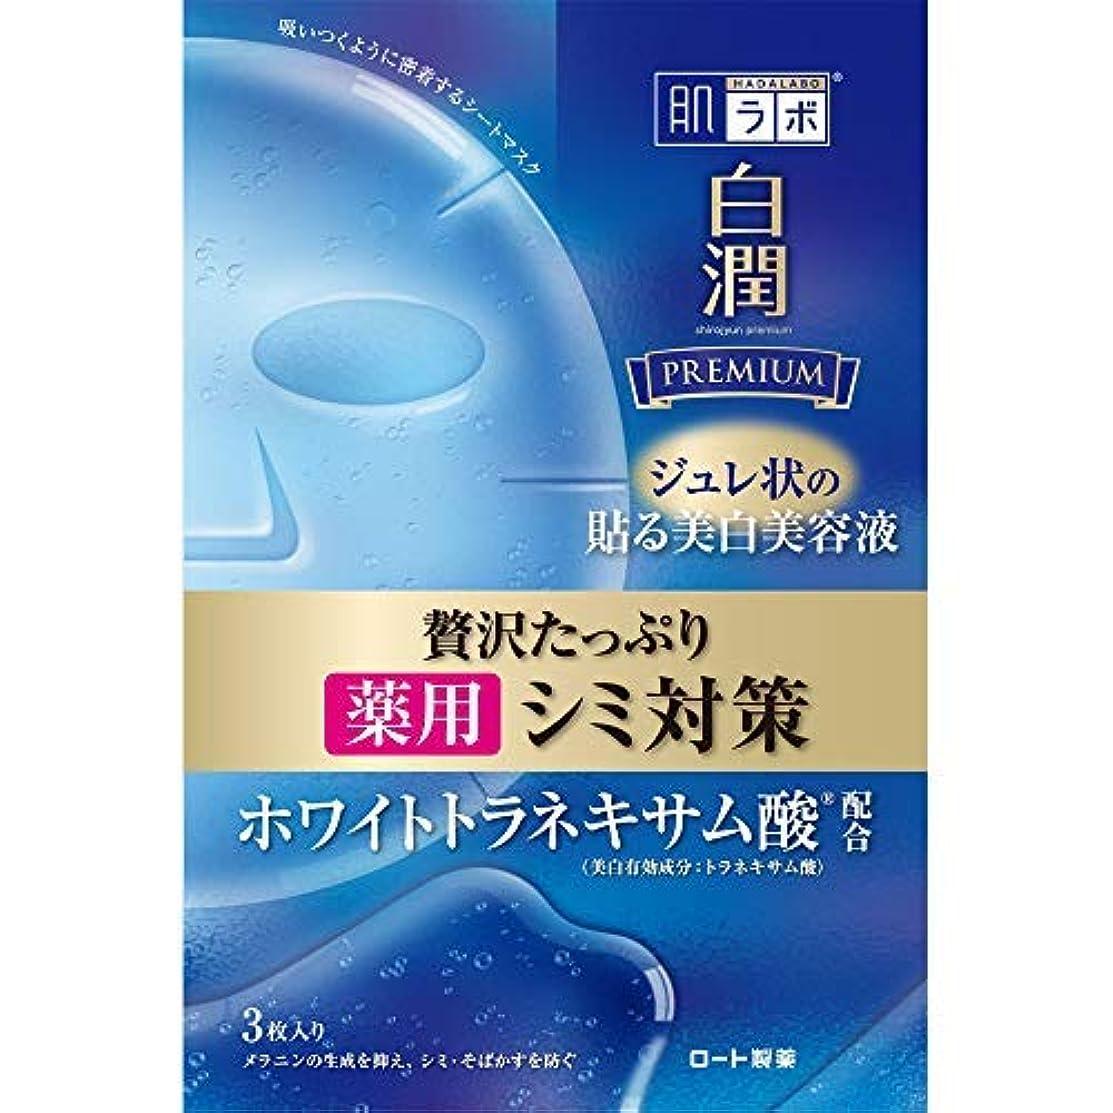 葉巻ハロウィン明日肌ラボ 白潤プレミアム 薬用浸透美白ジュレマスク × 10個セット